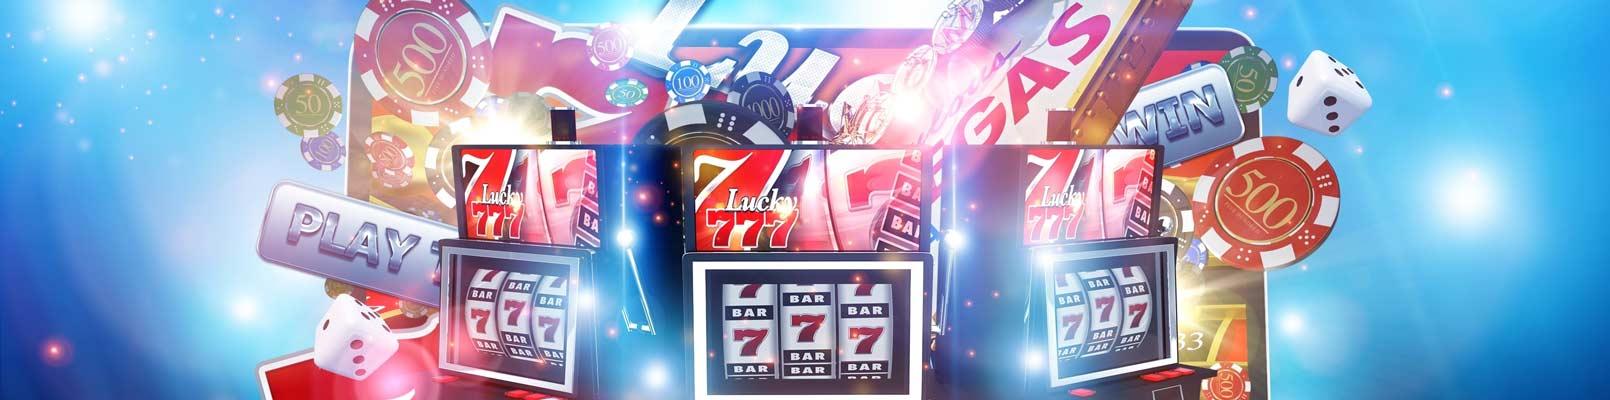 tipuri de jocuri casino online